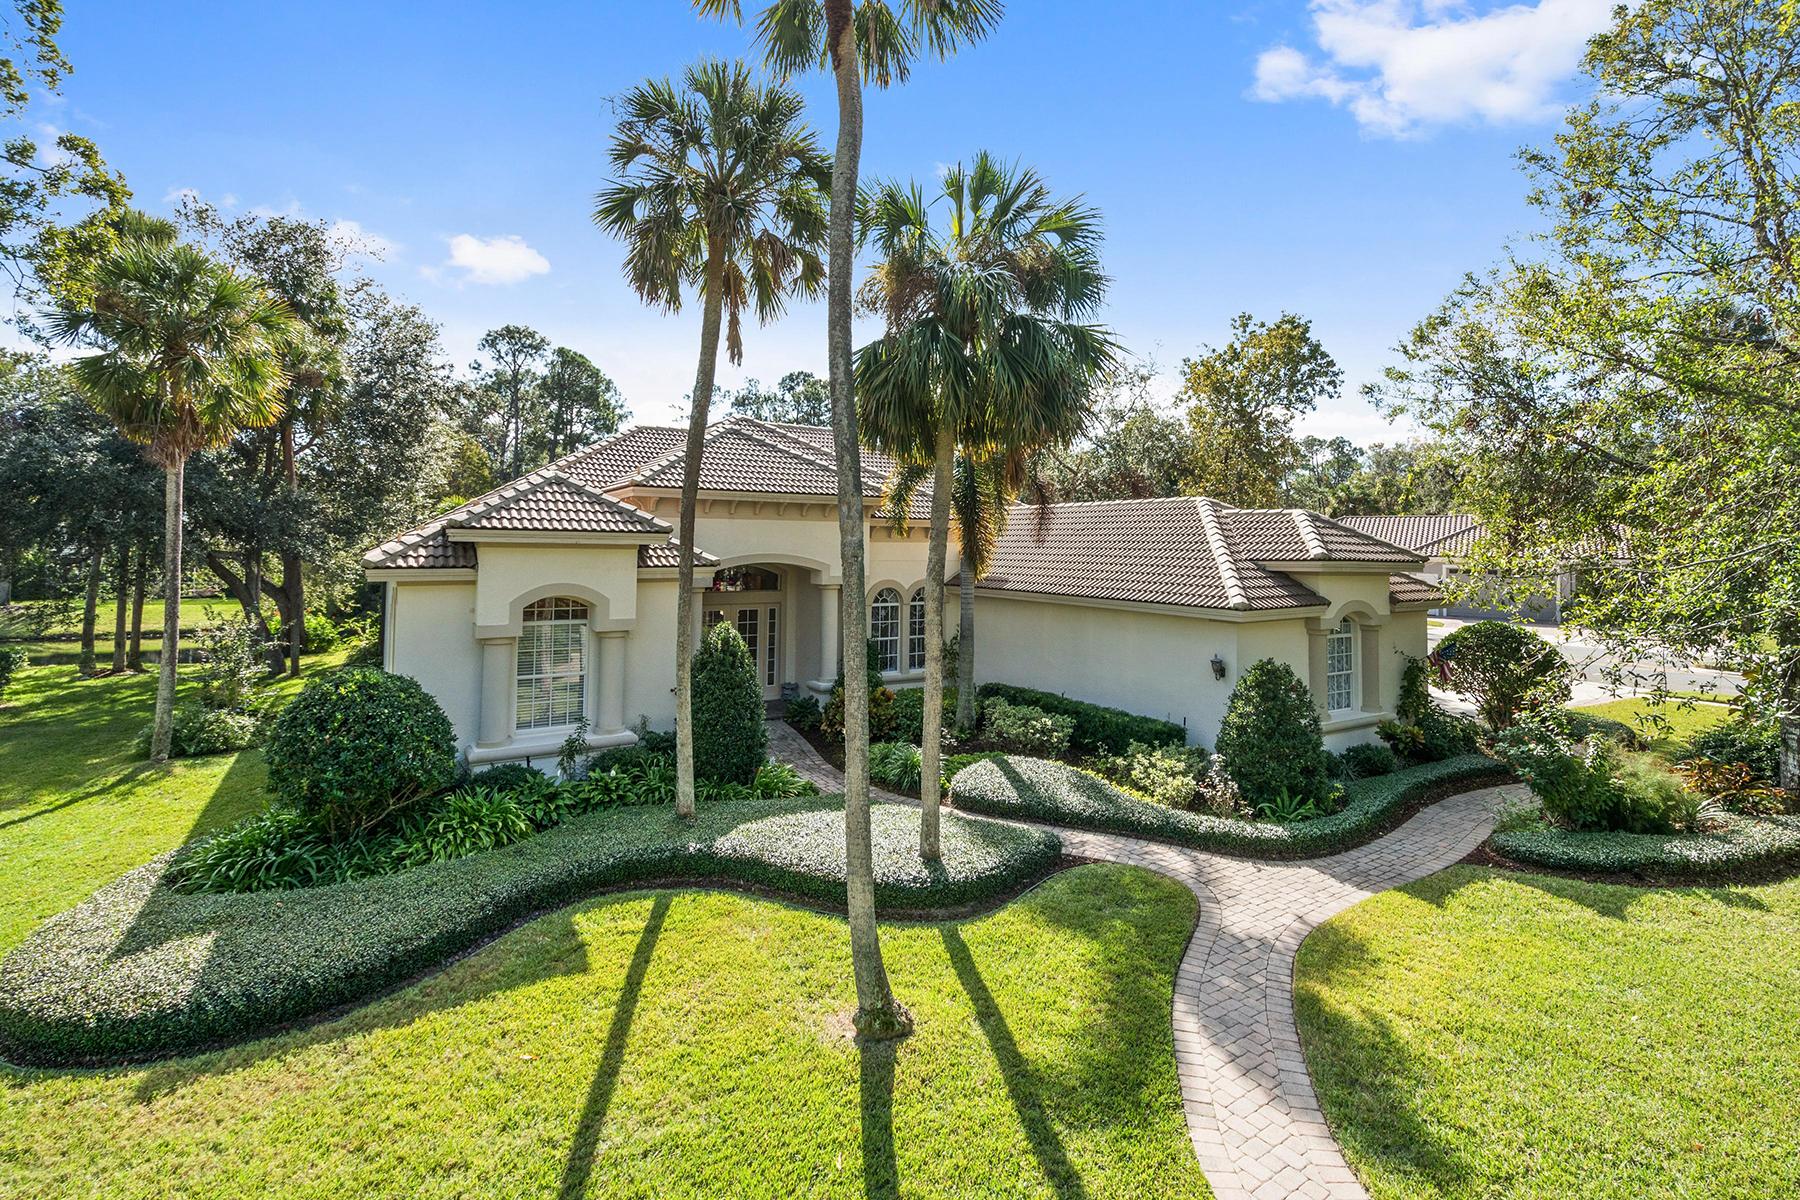 独户住宅 为 销售 在 4892 Shoreline Cir , Sanford, FL 32771 4892 Shoreline Cir 桑福德, 佛罗里达州 32771 美国